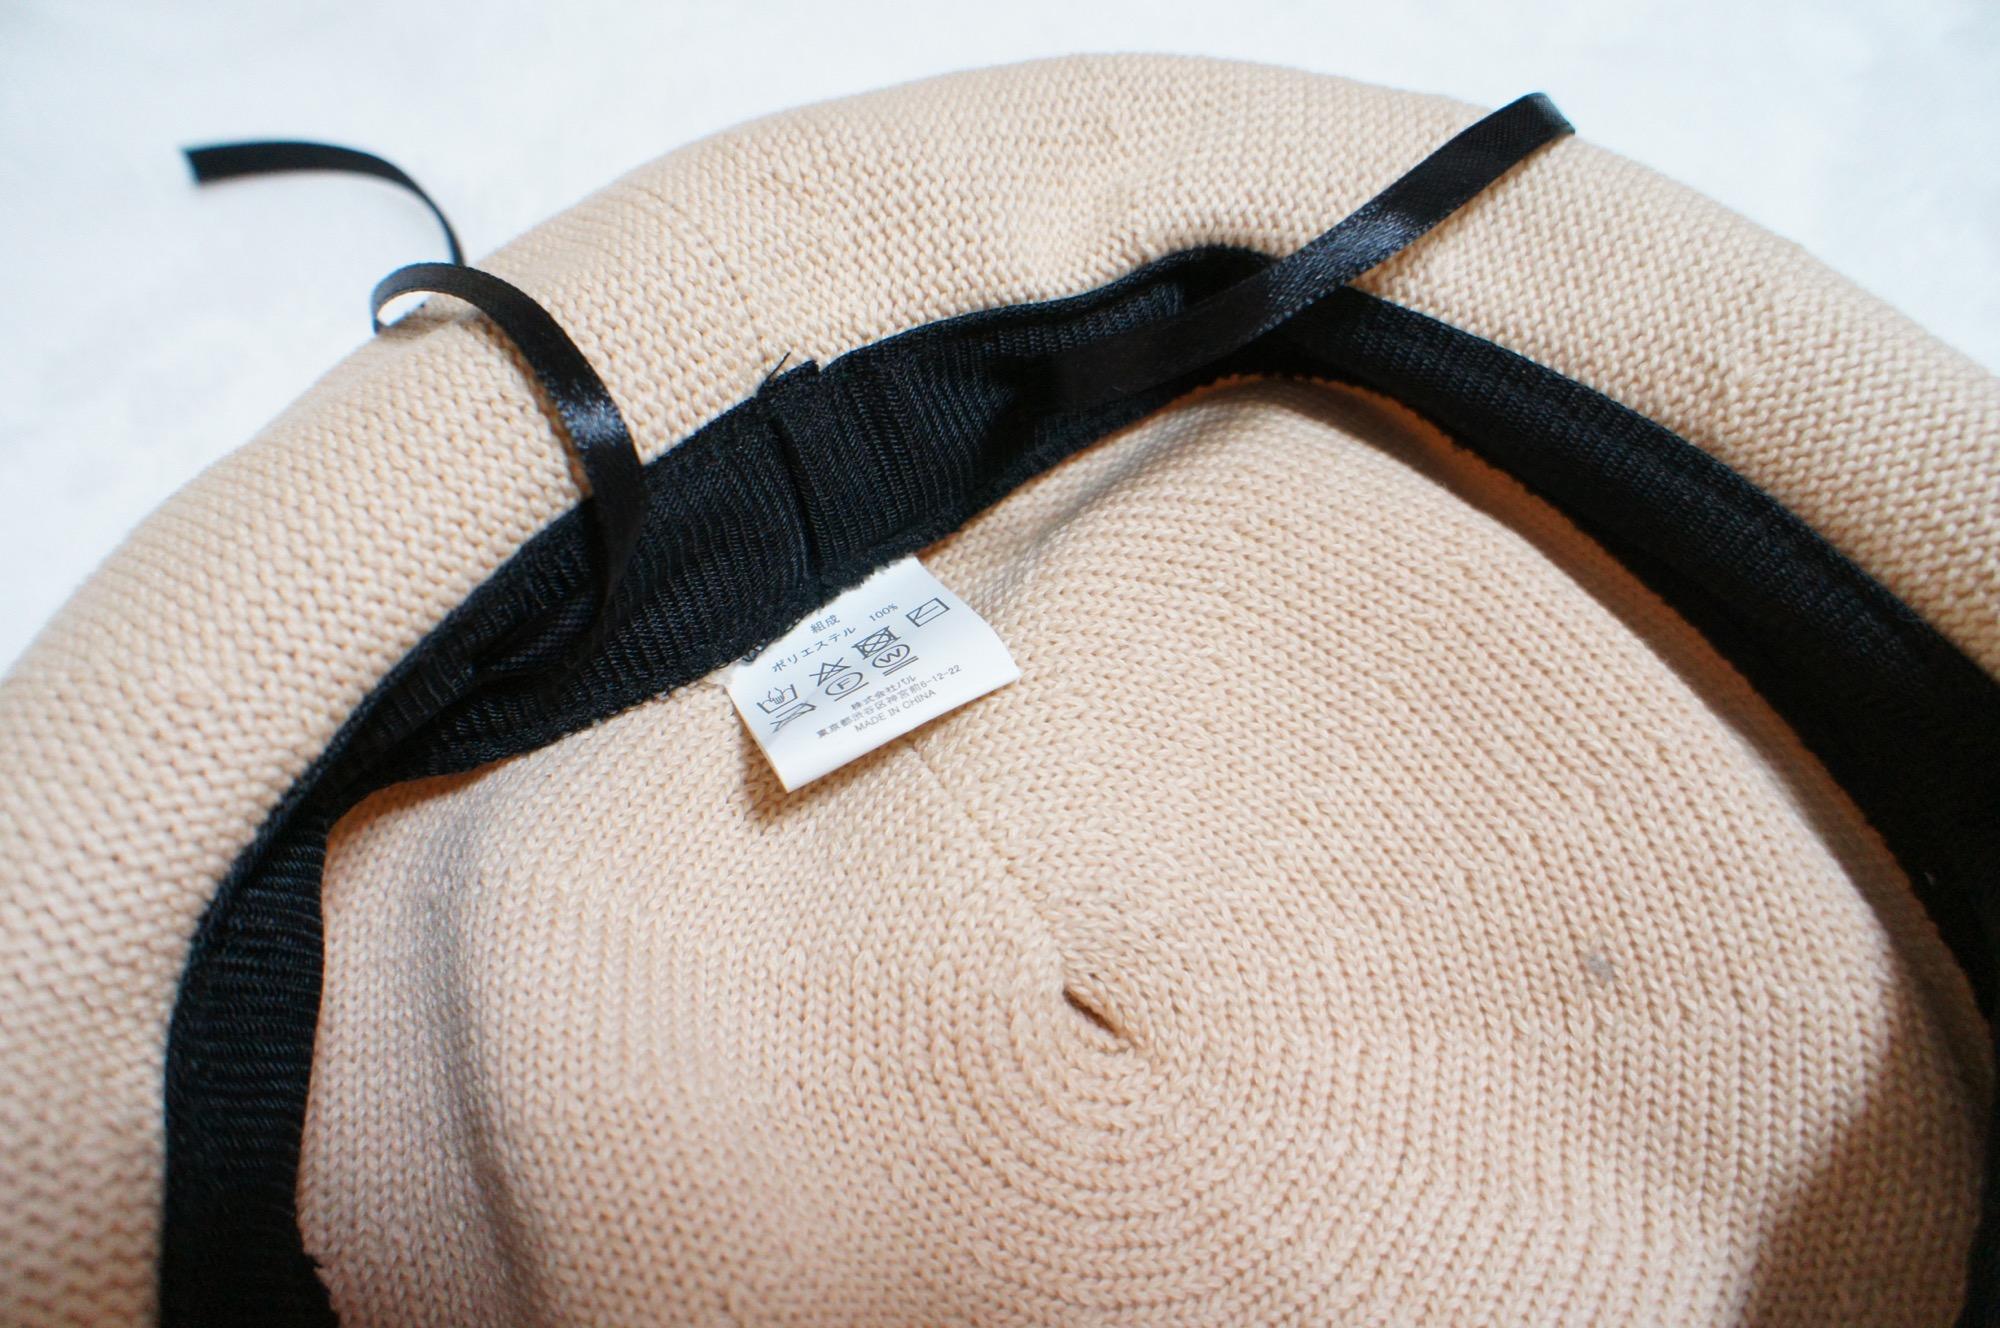 《#170cmトールガール》のプチプラコーデ❤️まさかのワンコイン!【3COINS】で大人気のベレー帽が可愛い☻_2